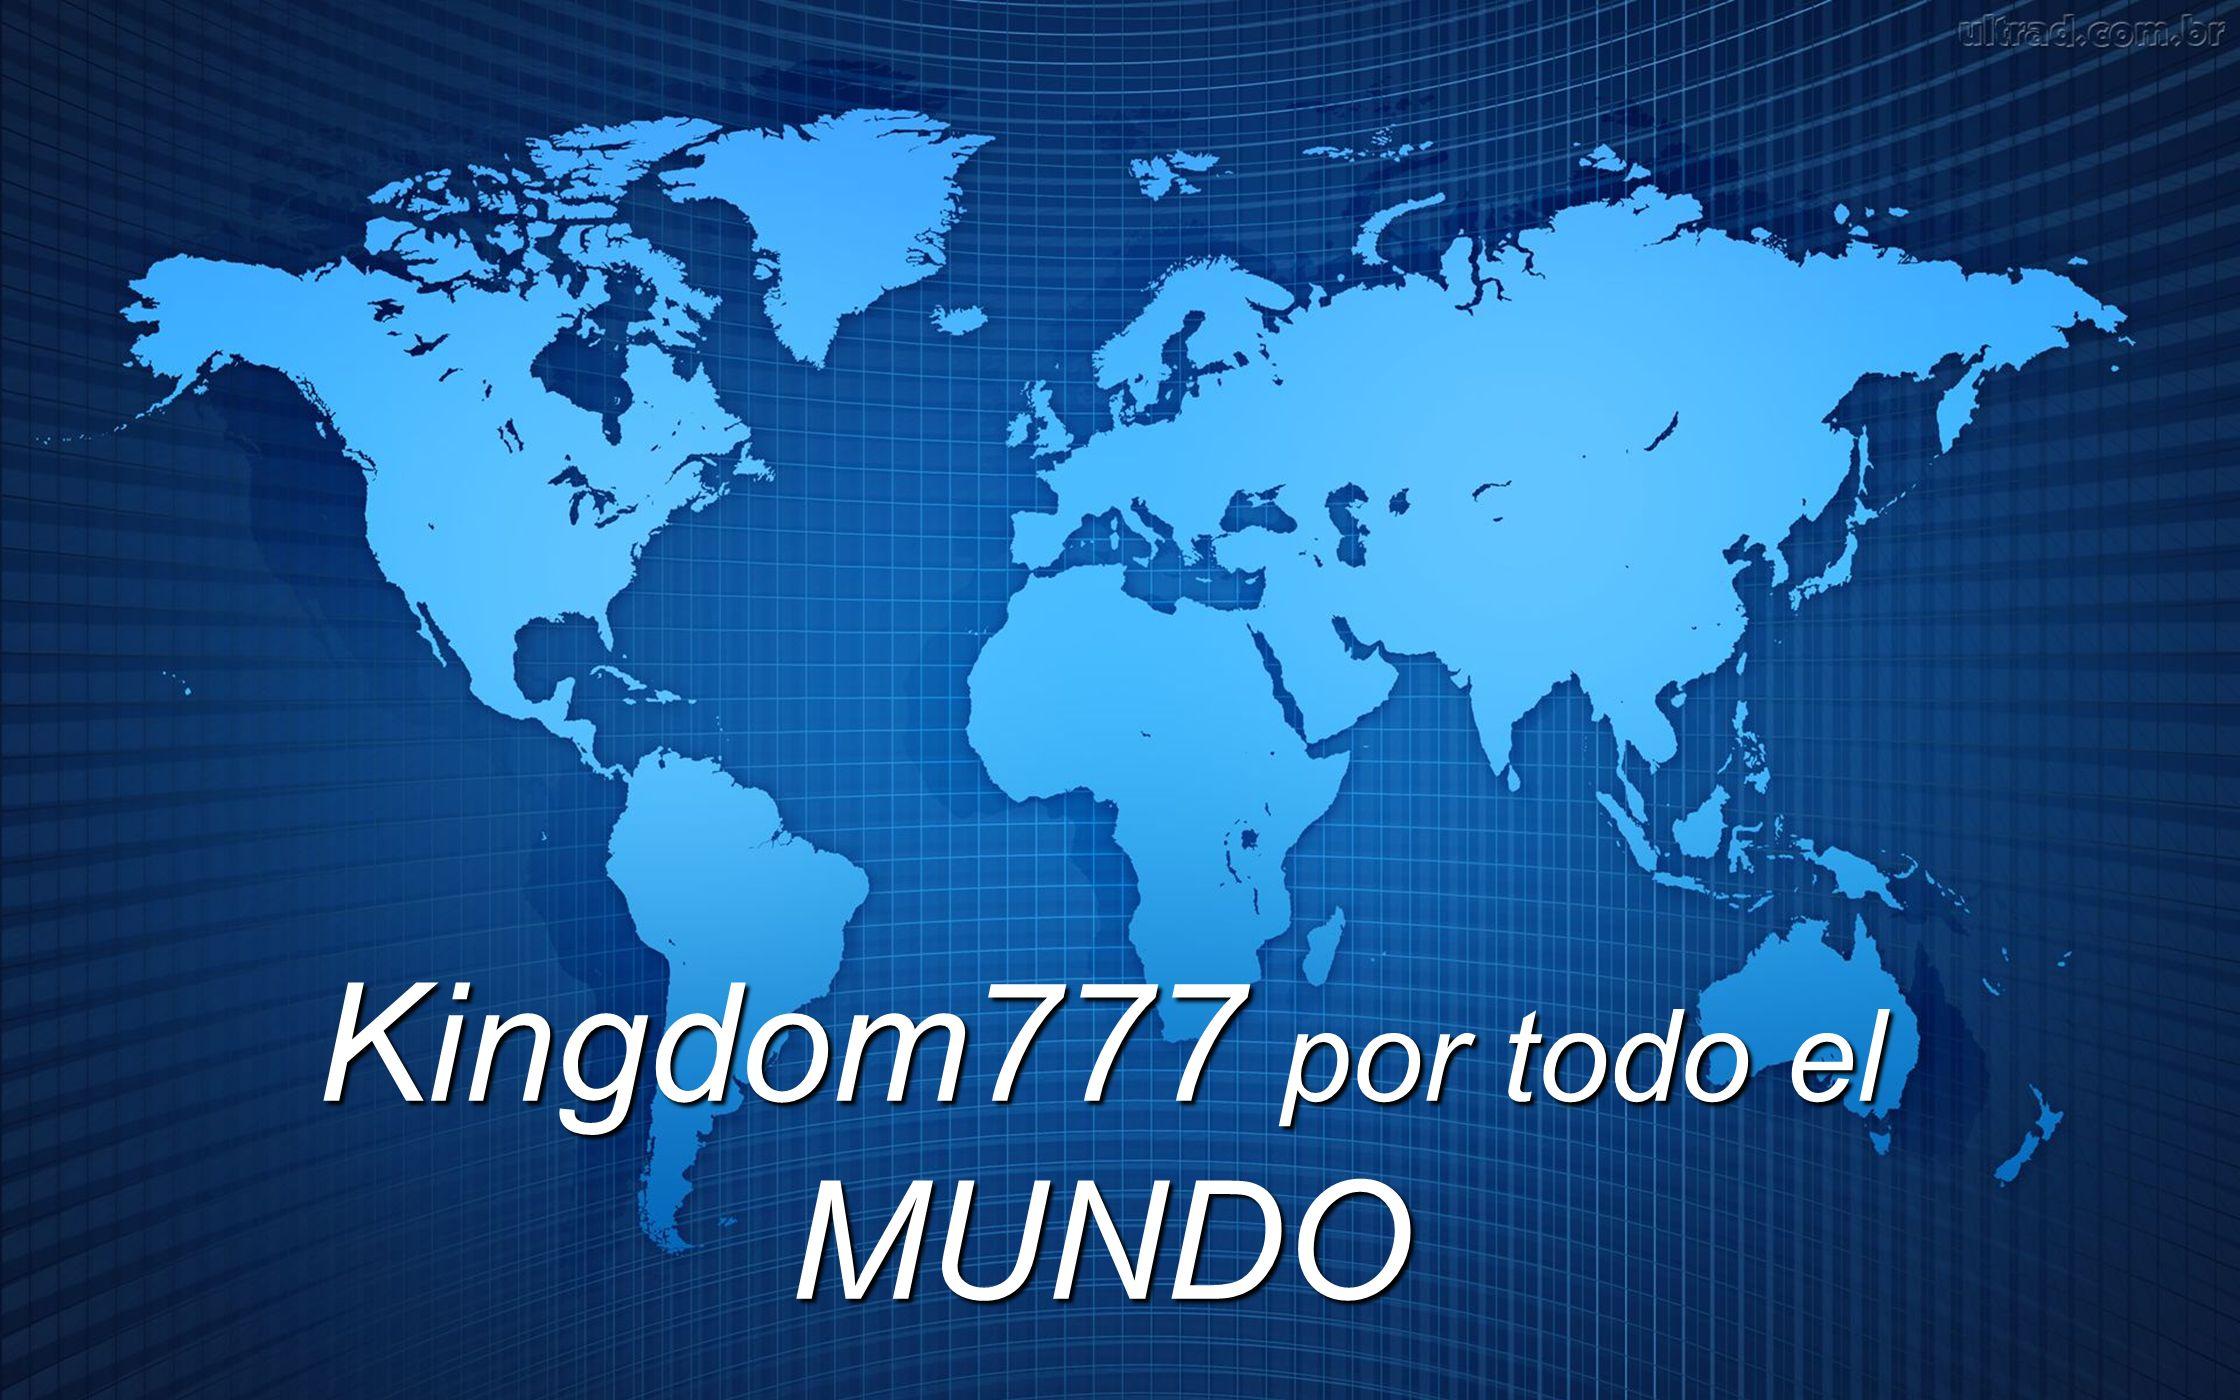 Kingdom777 por todo el MUNDO